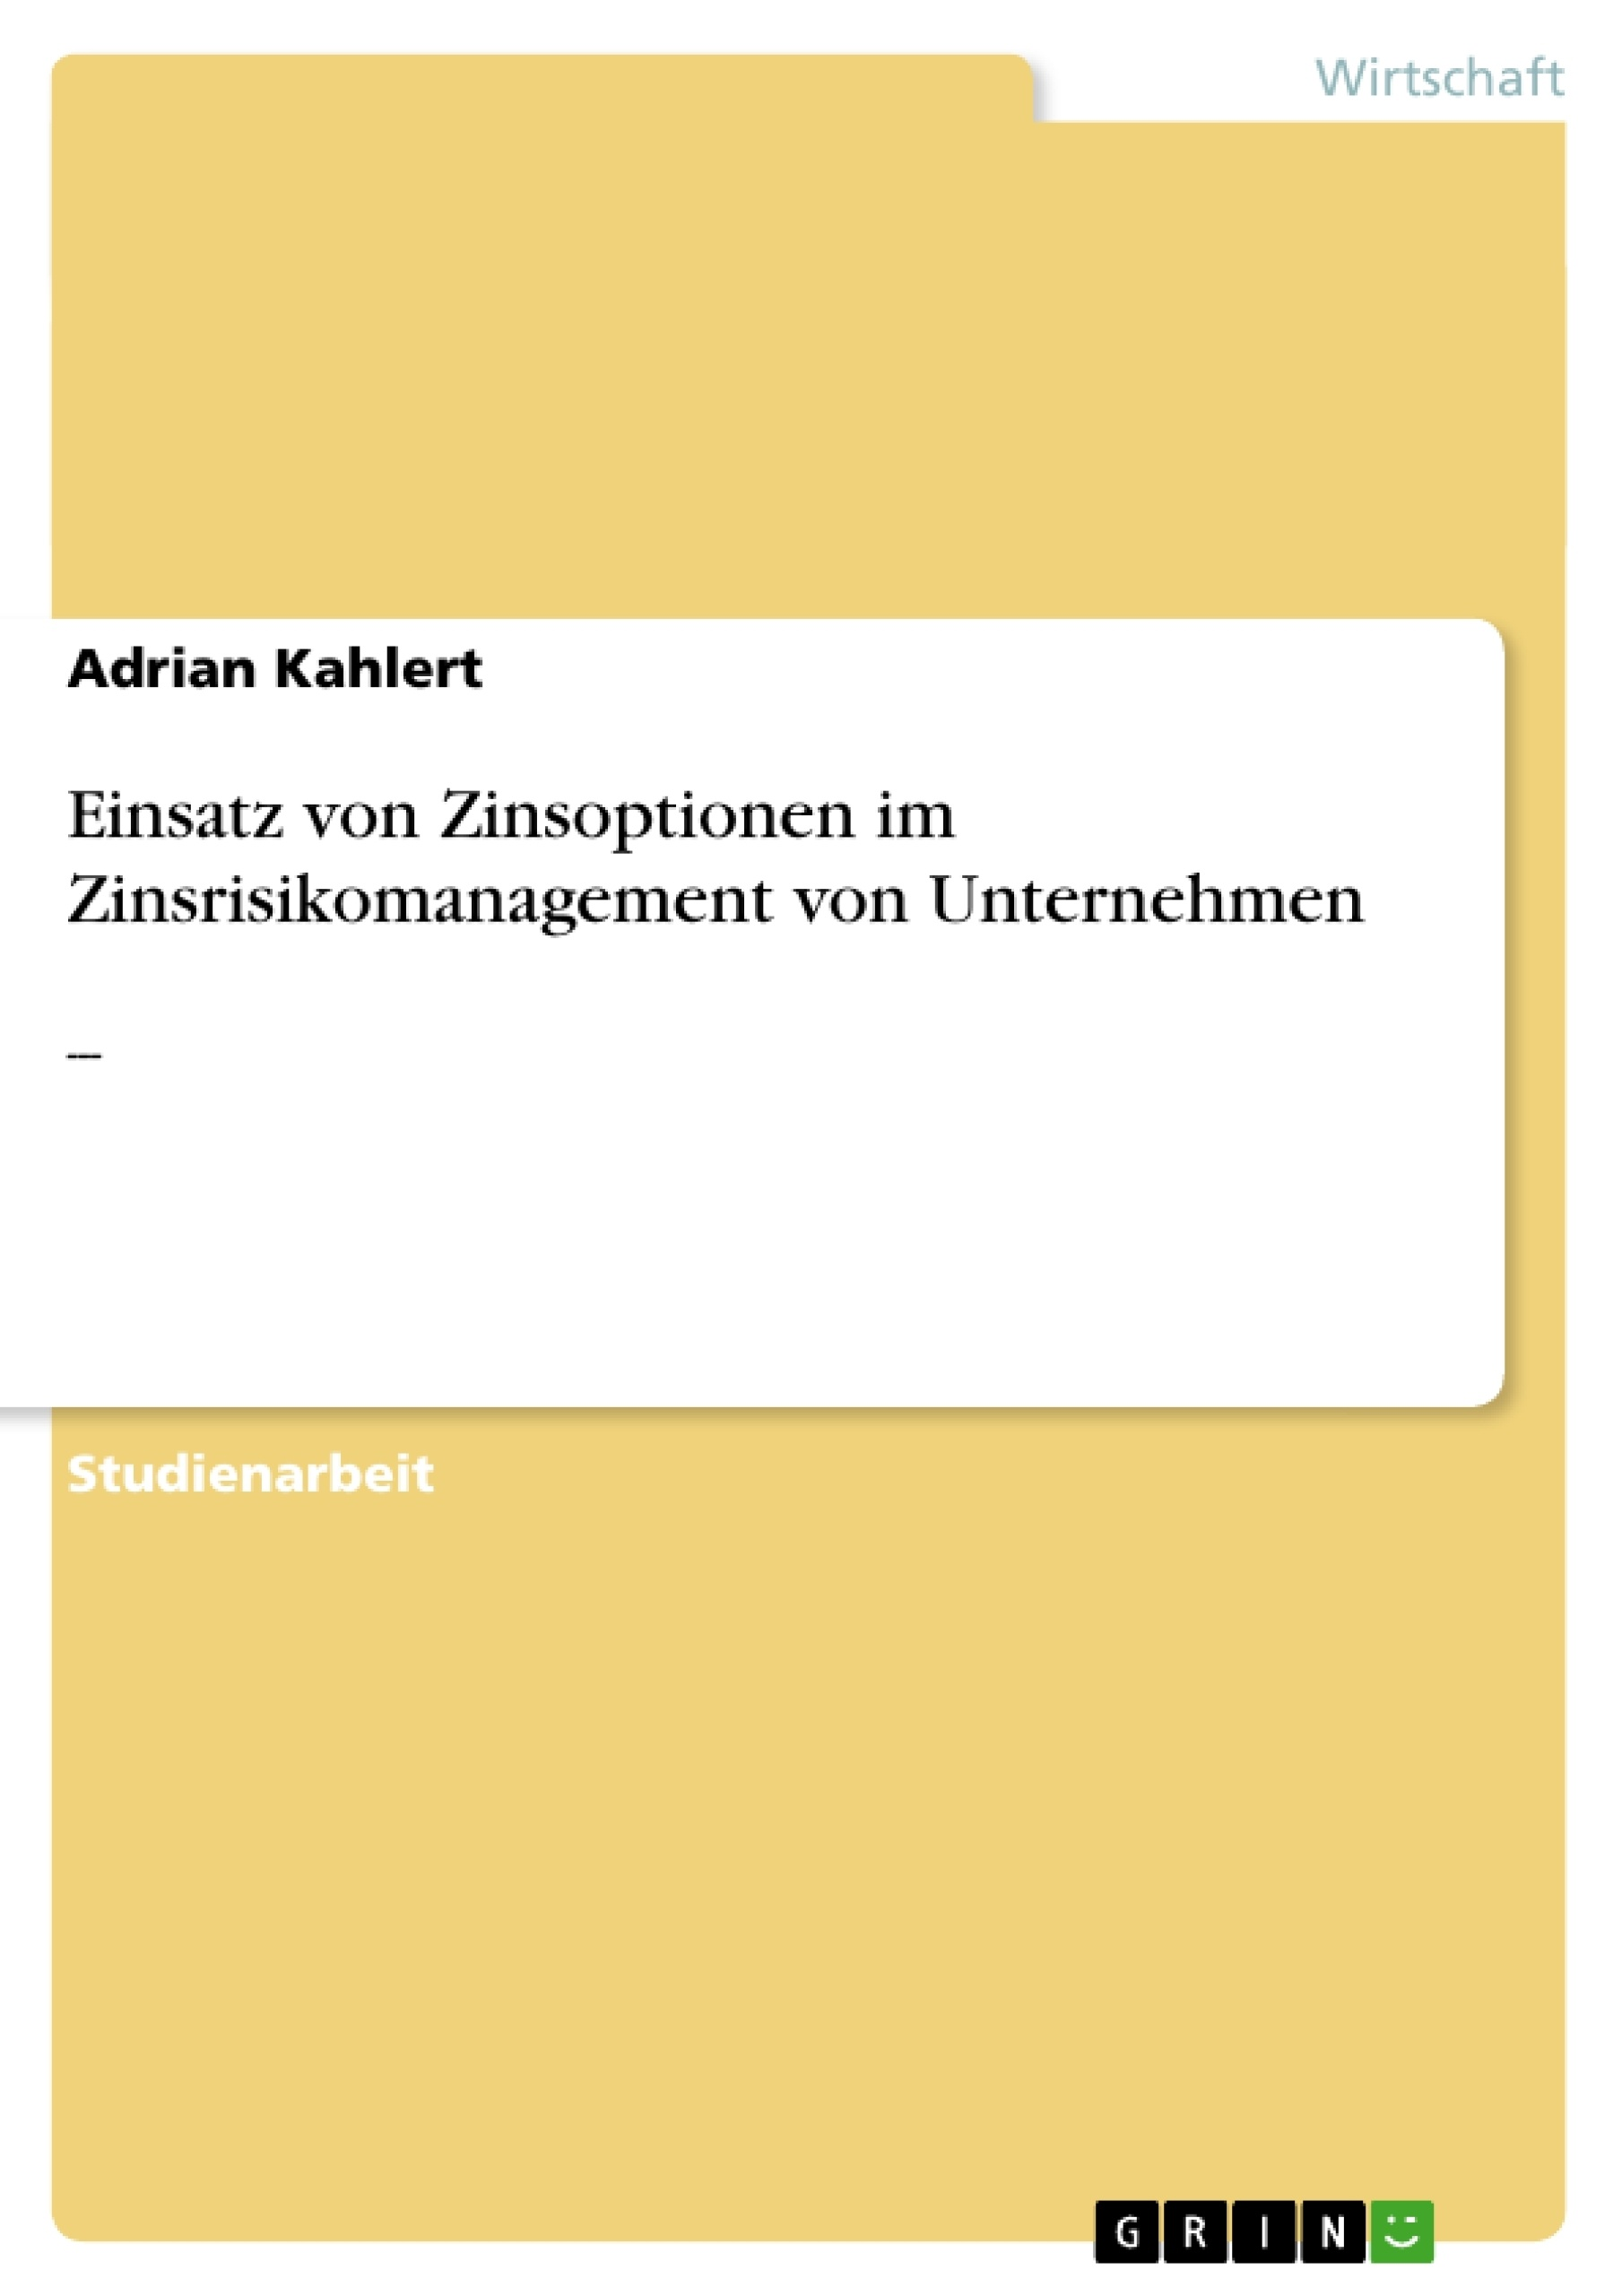 Titel: Einsatz von Zinsoptionen im Zinsrisikomanagement von Unternehmen